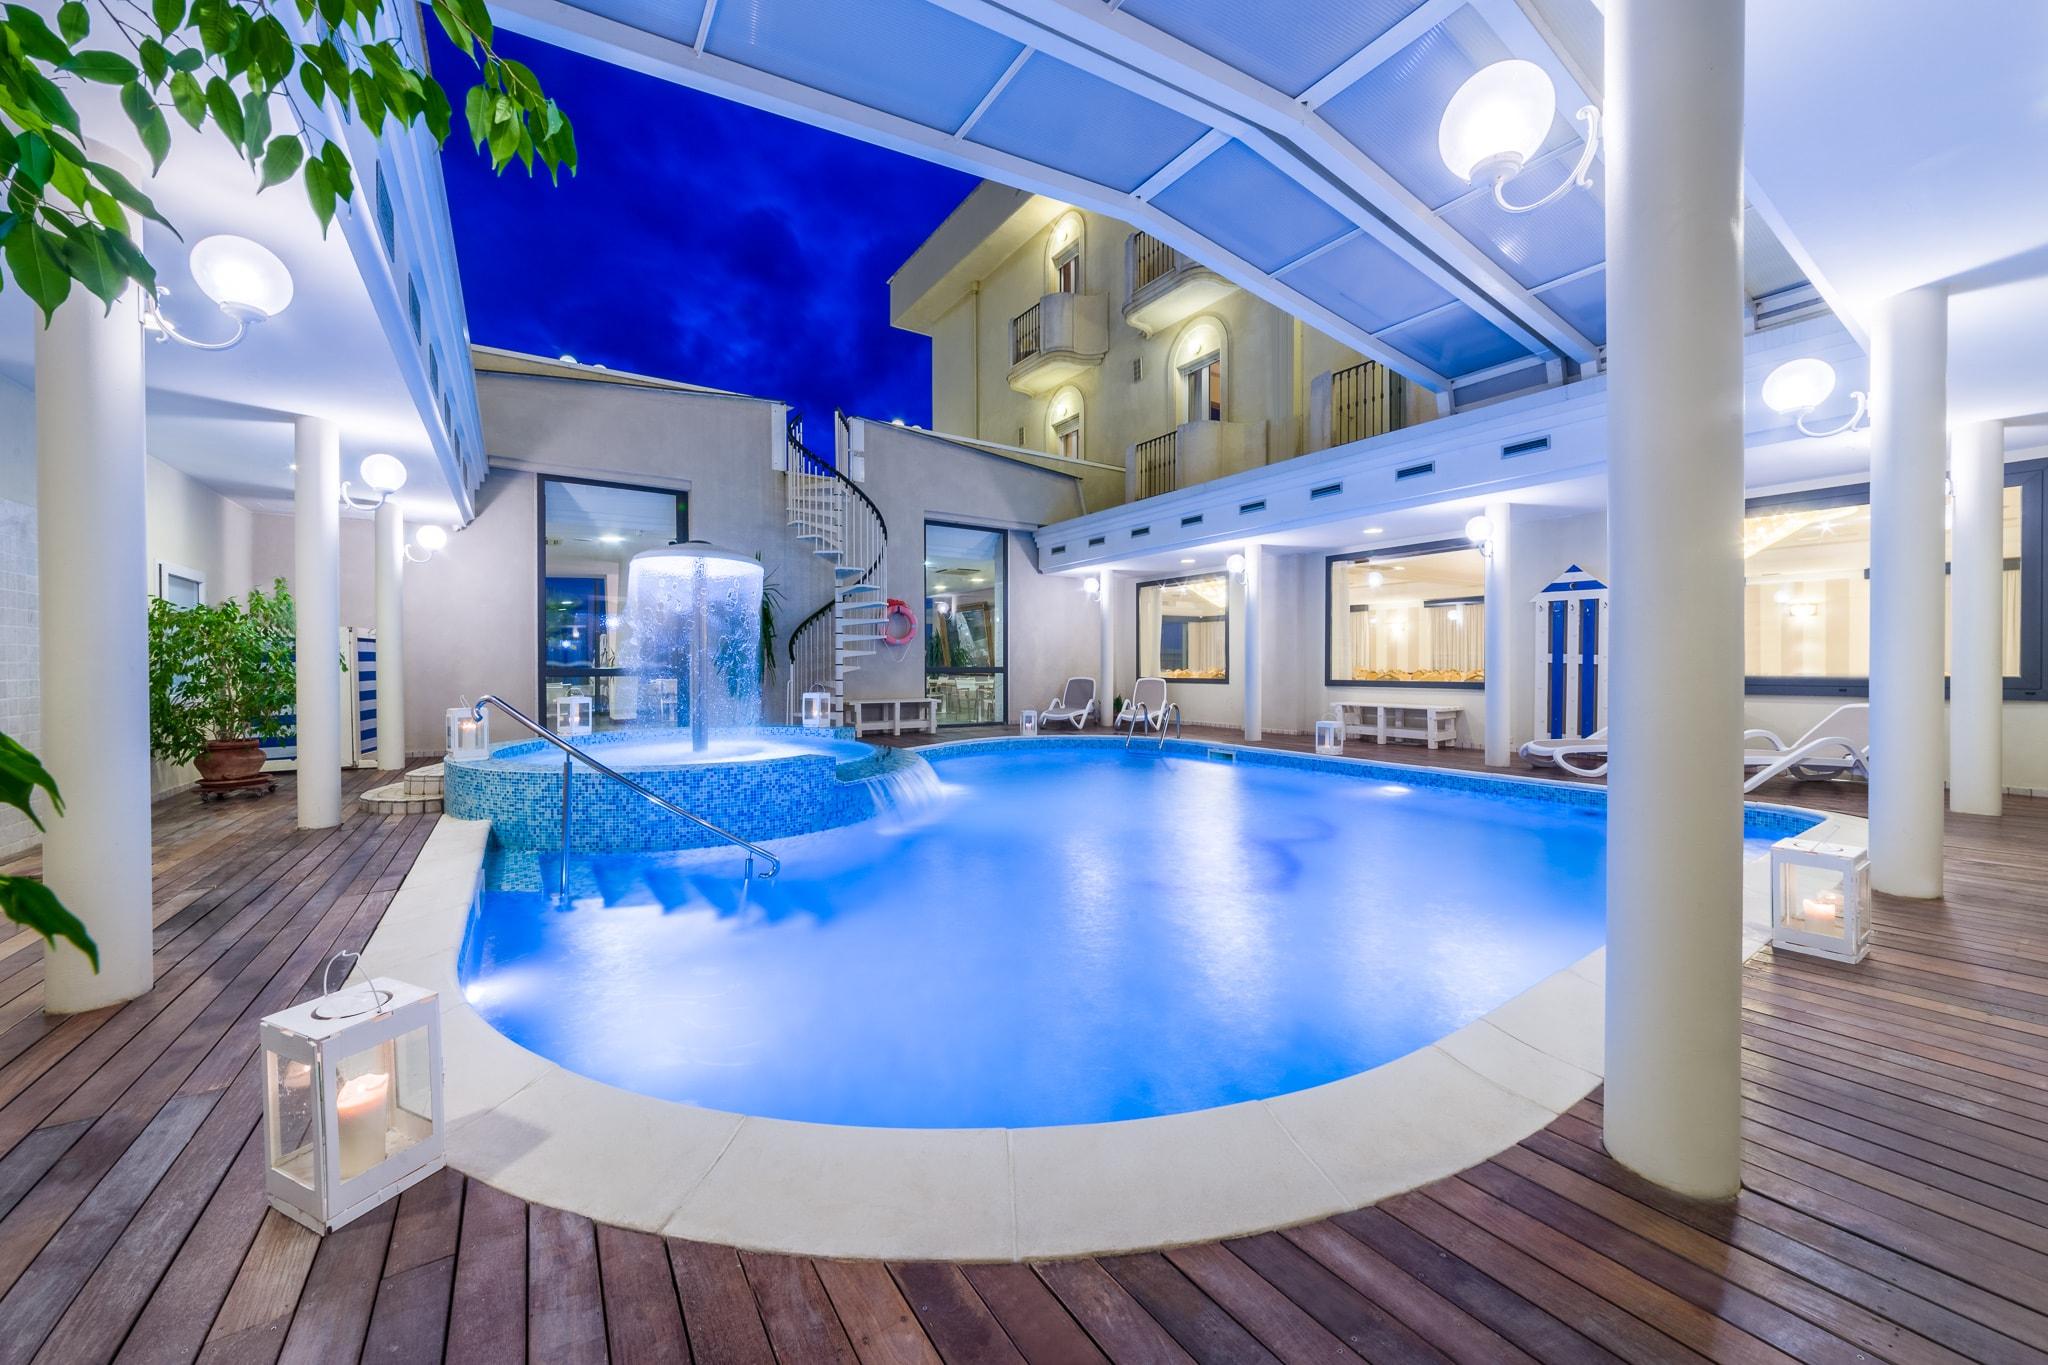 Hotel con piscina e sul mare a bellaria igea marina hotel agostini - Hotel bellaria con piscina ...